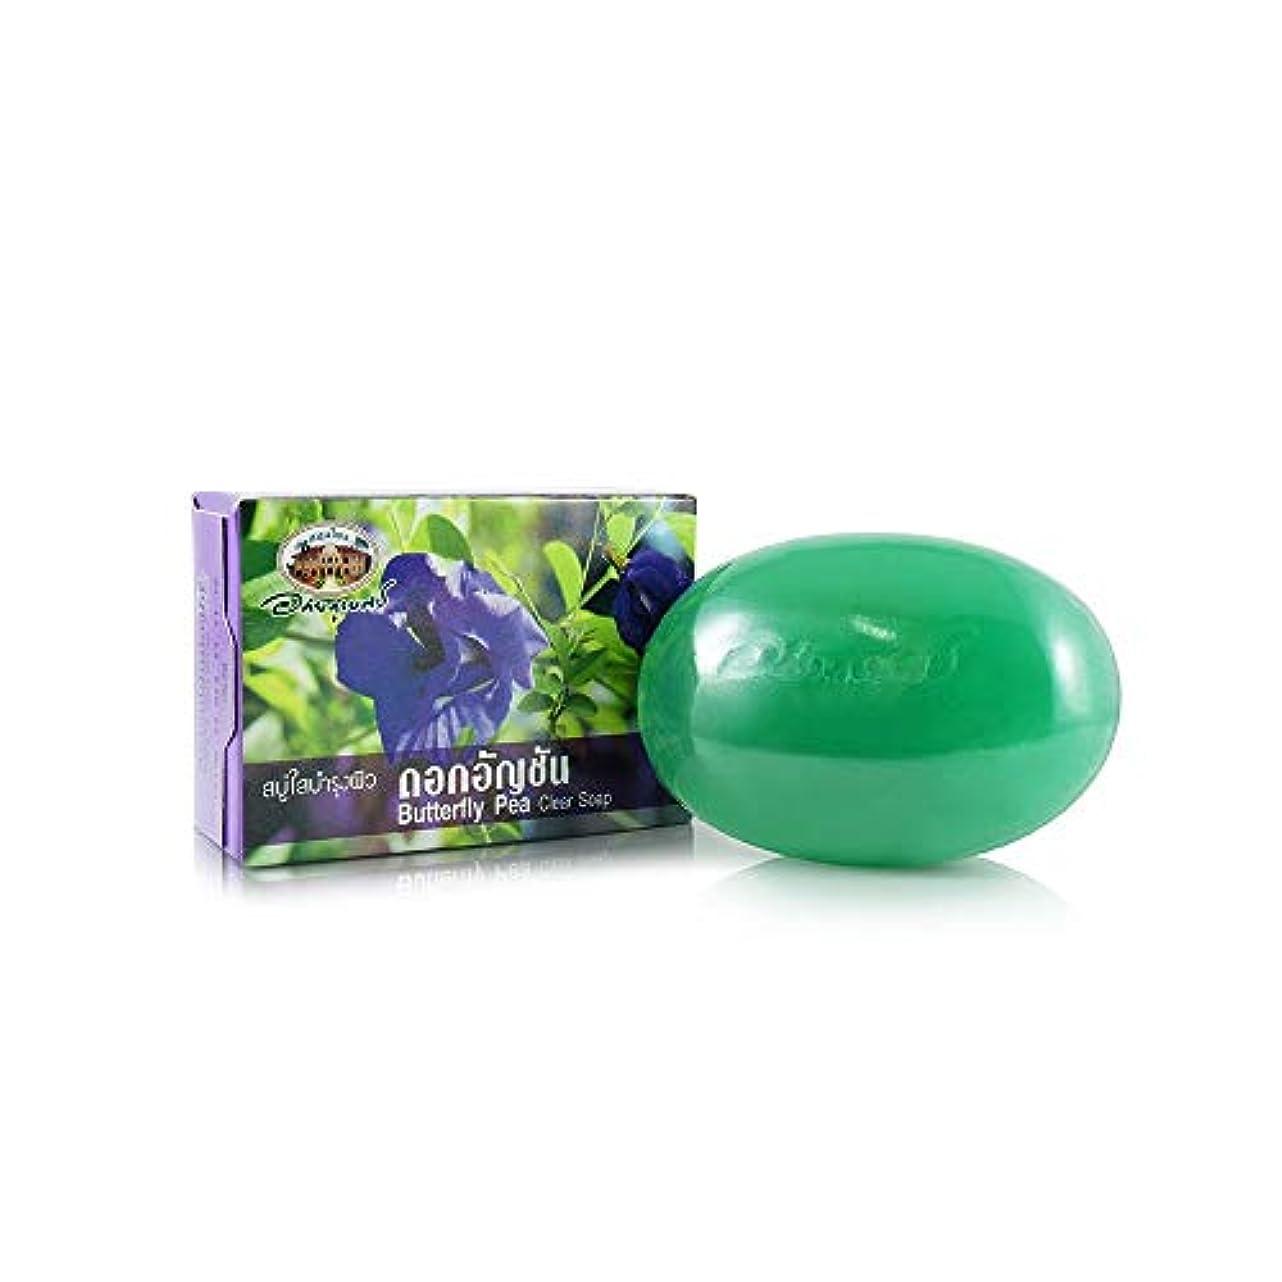 料理支出クスコAbhaibhubejhr Pea Flowers Vitamin E Herbal Body Cleaning Soap 100g. Abhaibhubejhrピー花ビタミンEハーブボディクリーニングソープ100グラム。